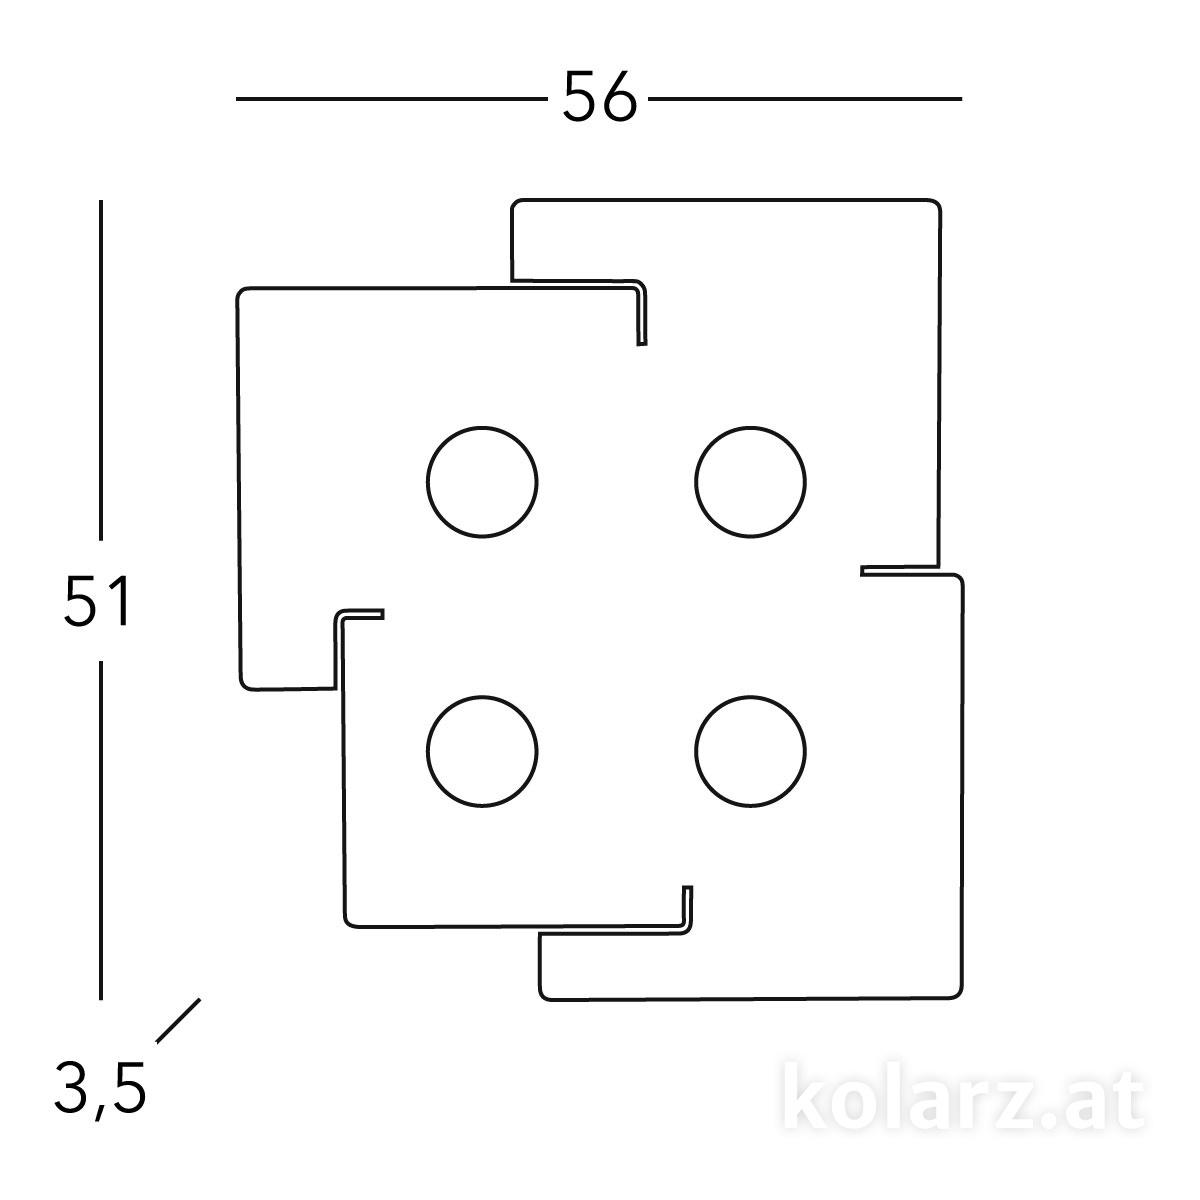 A1337-14-1-Ag-s1.jpg